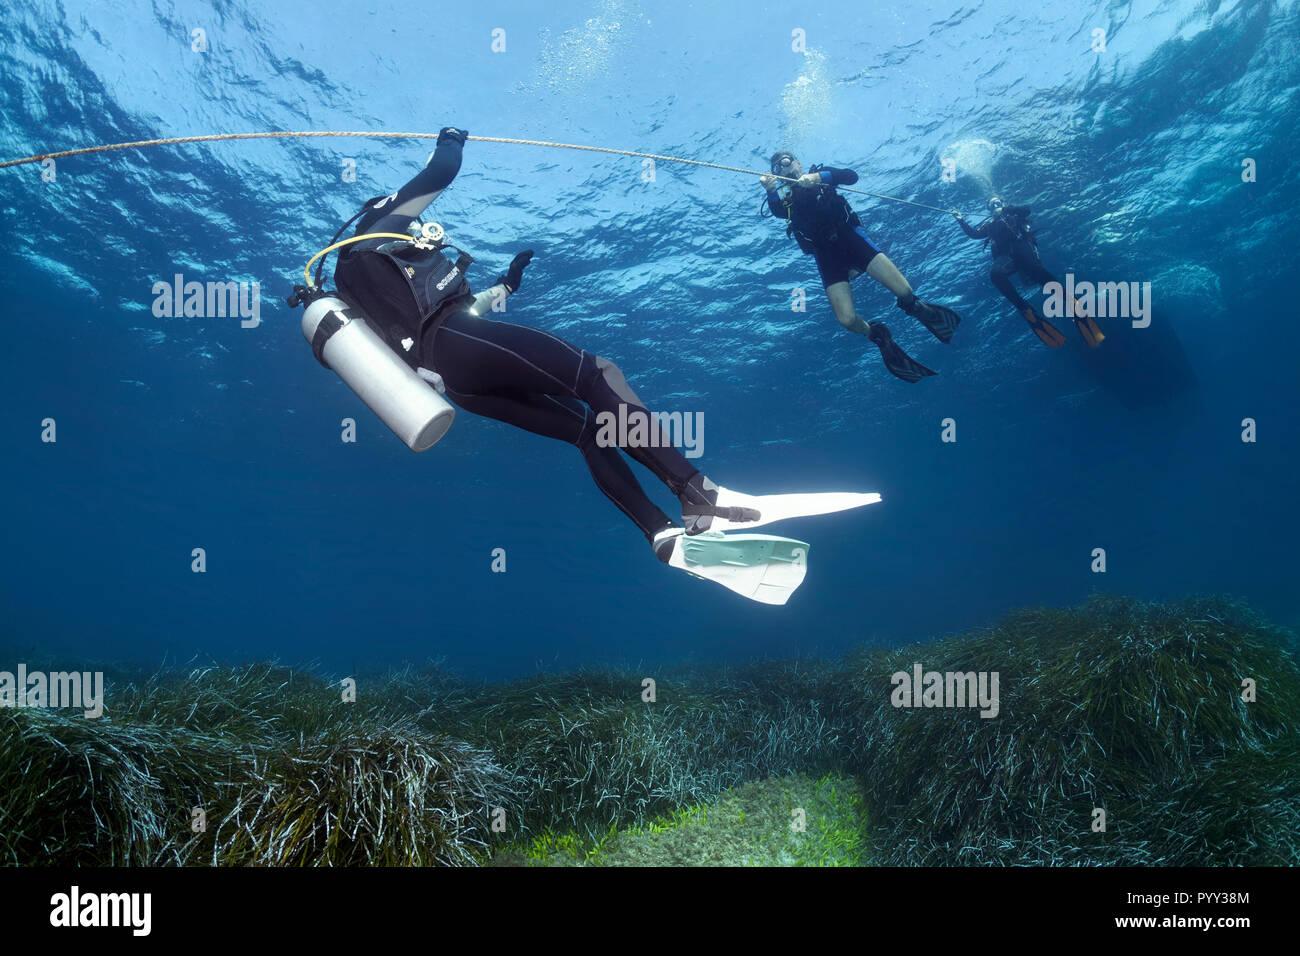 Los buceadores de la cuerda de buceo, barco de buceo, Neptune Grass (Posidonia oceanica), el Mar Mediterráneo, al sur de Chipre, Chipre Imagen De Stock